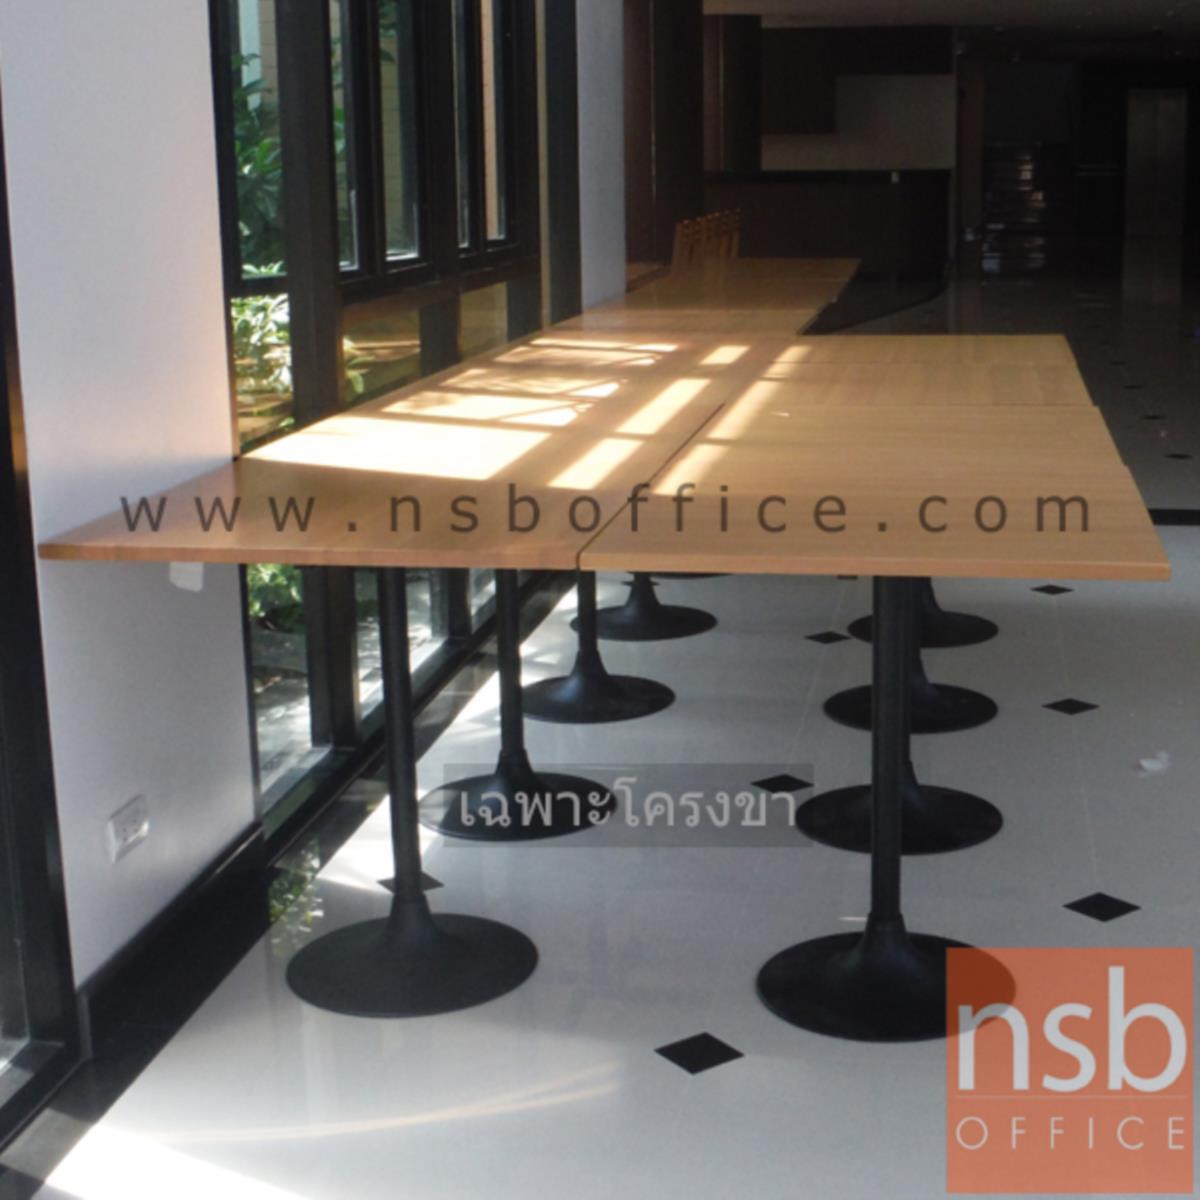 ขาโต๊ะบาร์ รุ่น Wonder (วันเดอร์) ขนาด 41W*70H cm. ขาเหล็ก